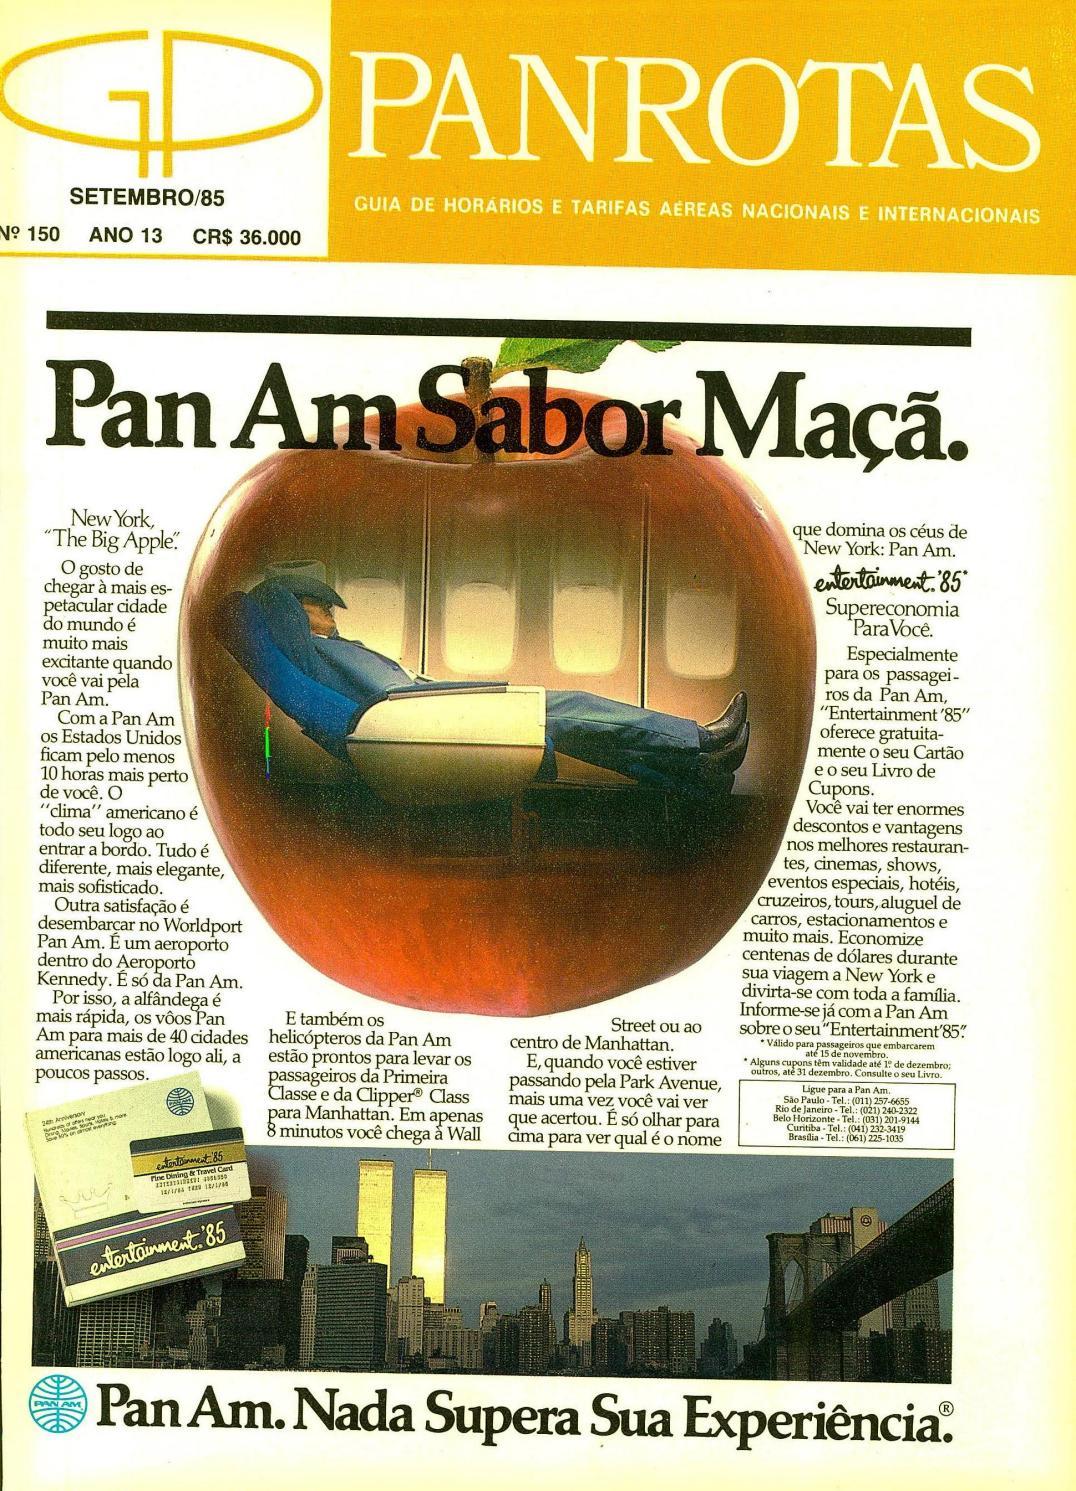 Guia PANROTAS - Edição 150 - Setembro 1985 by PANROTAS Editora - issuu 986186a32d